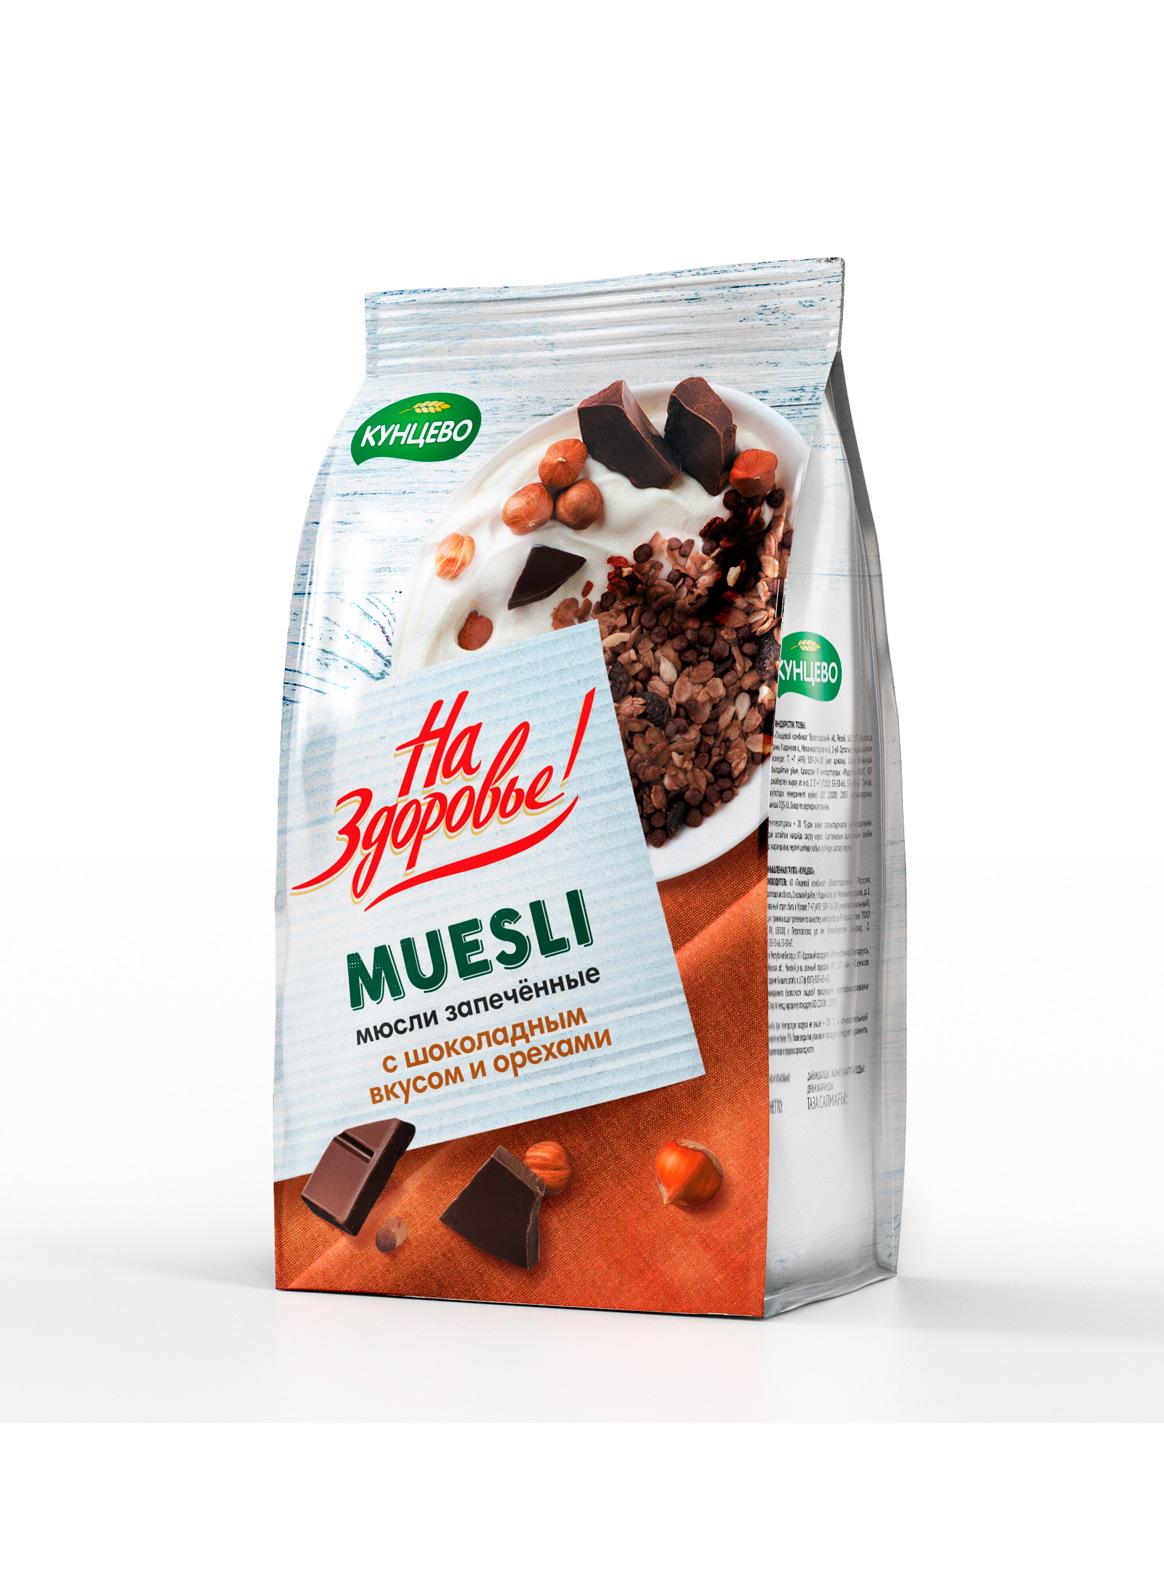 Мюсли с шоколадным вкусом и орехами 300гр.